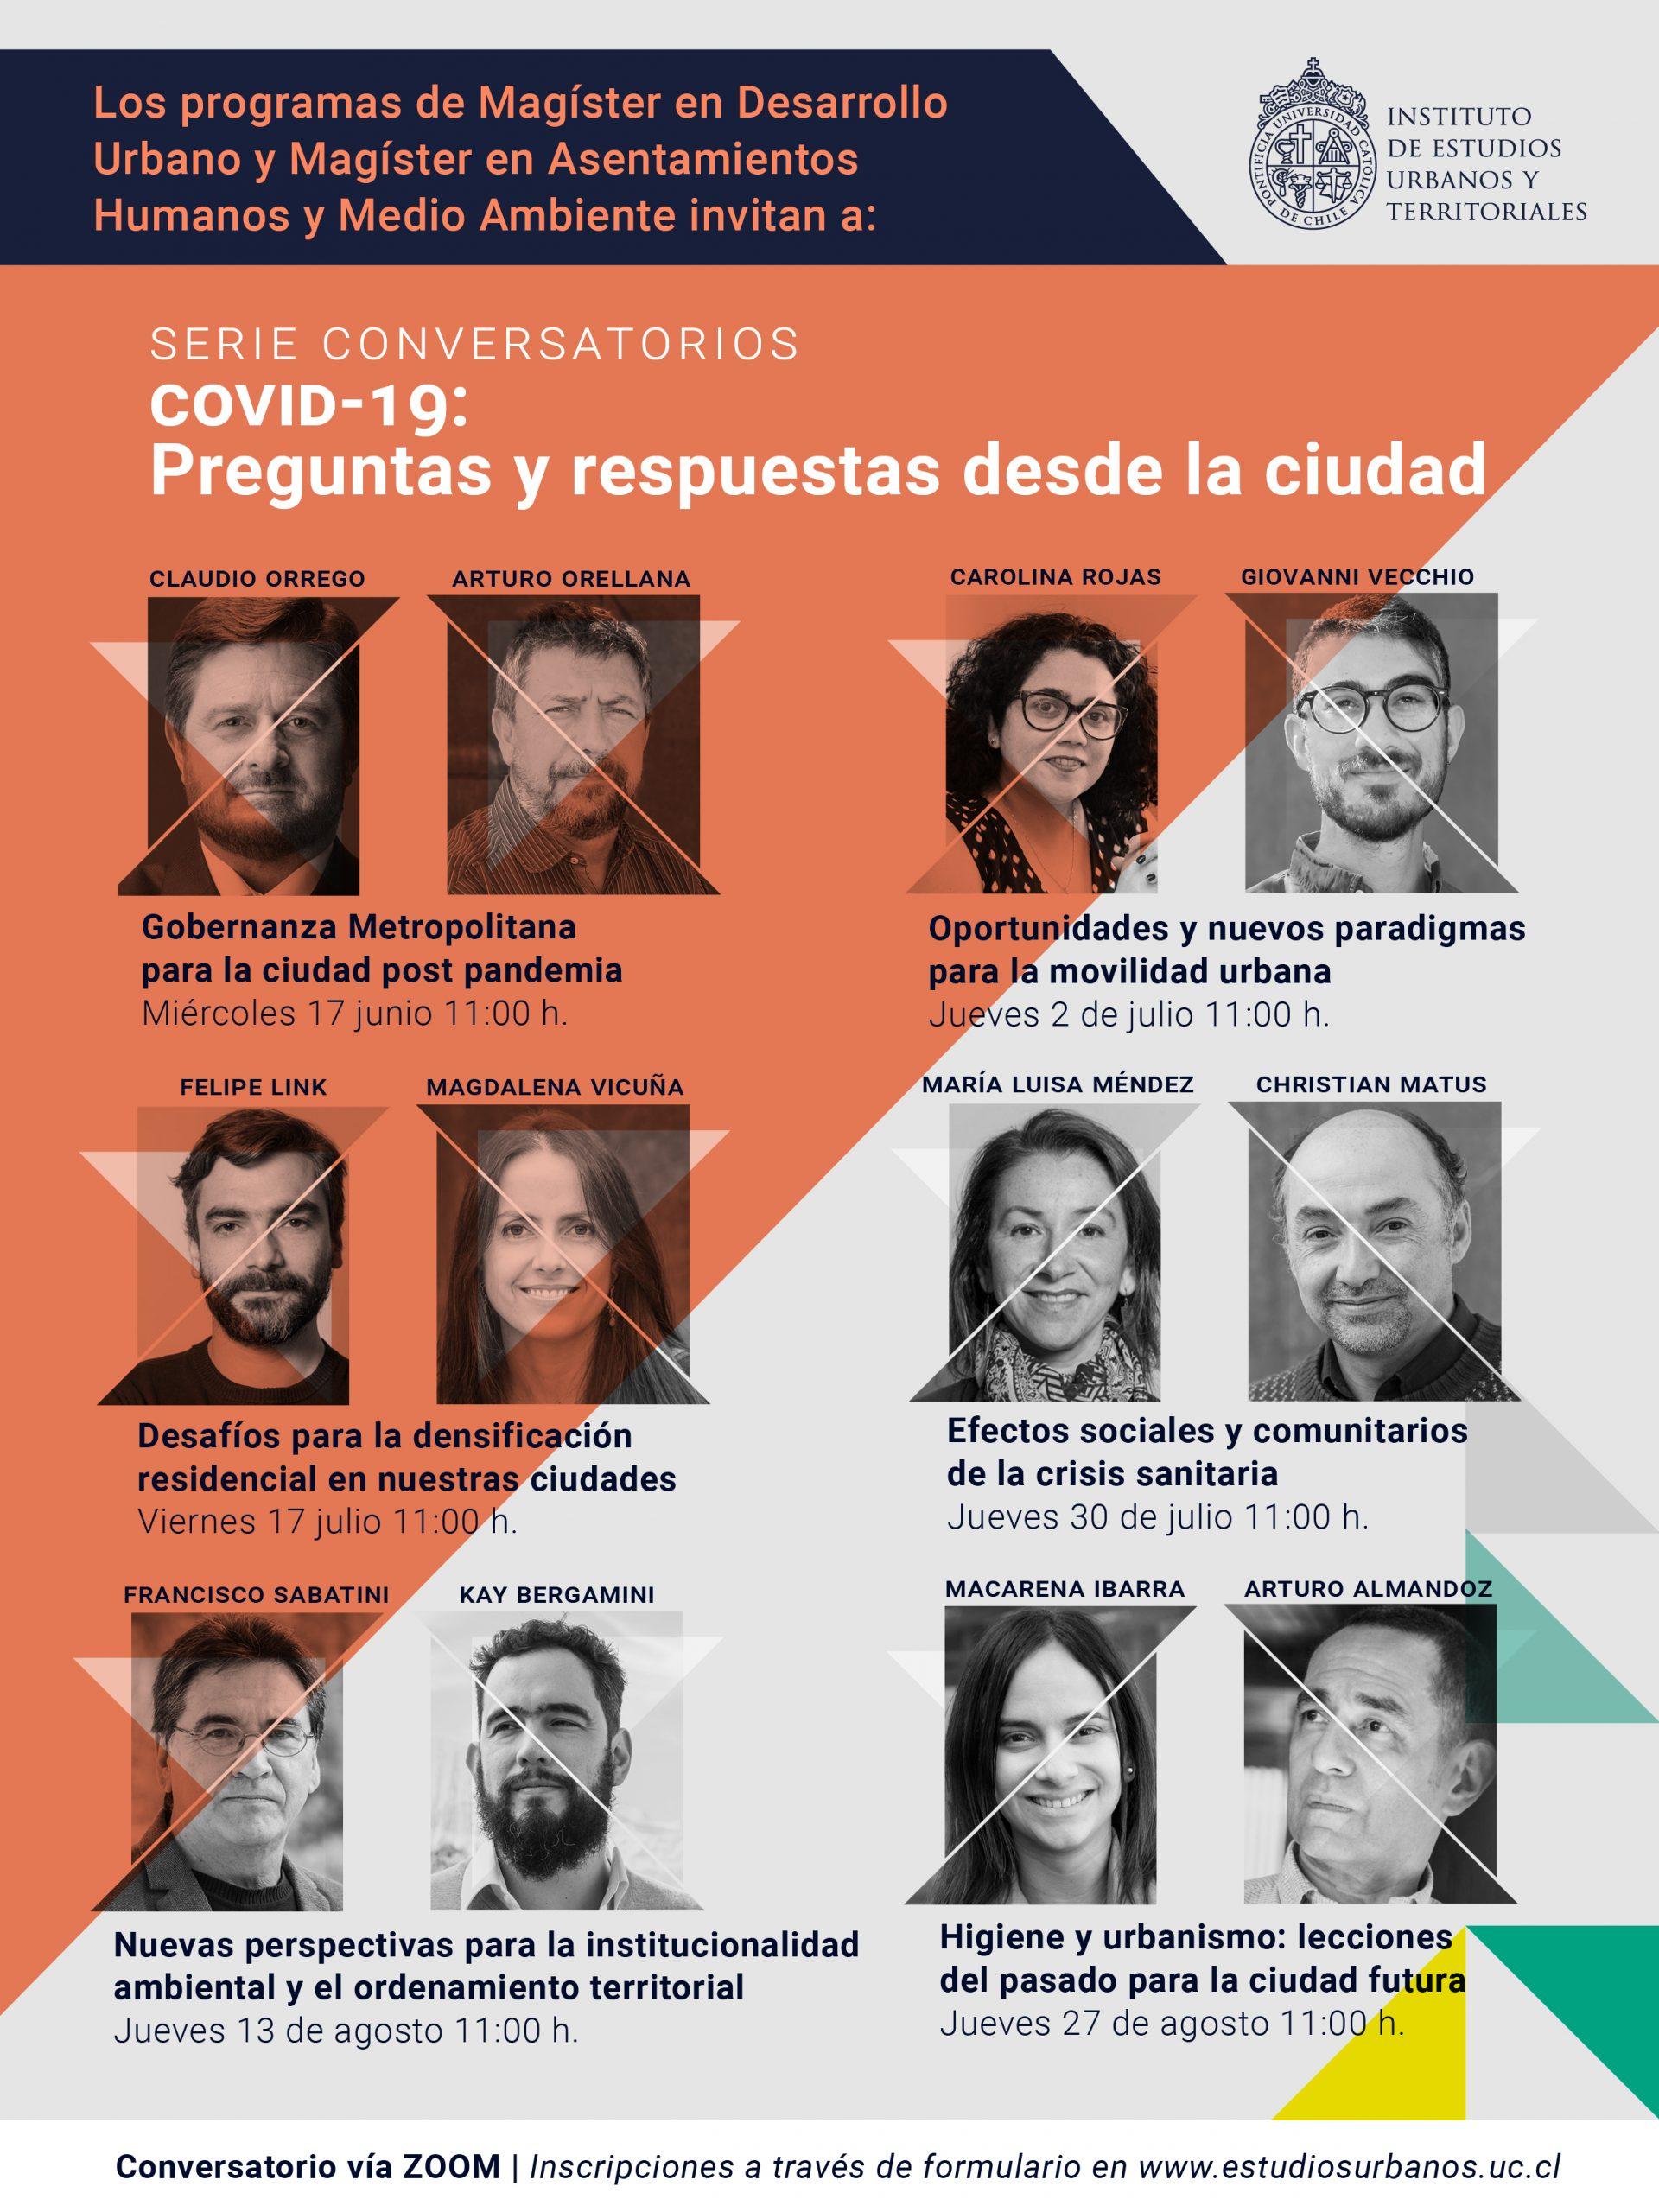 Magísteres IEUT convocan al diálogo y la reflexión con serie de conversatorios en torno al COVID-19